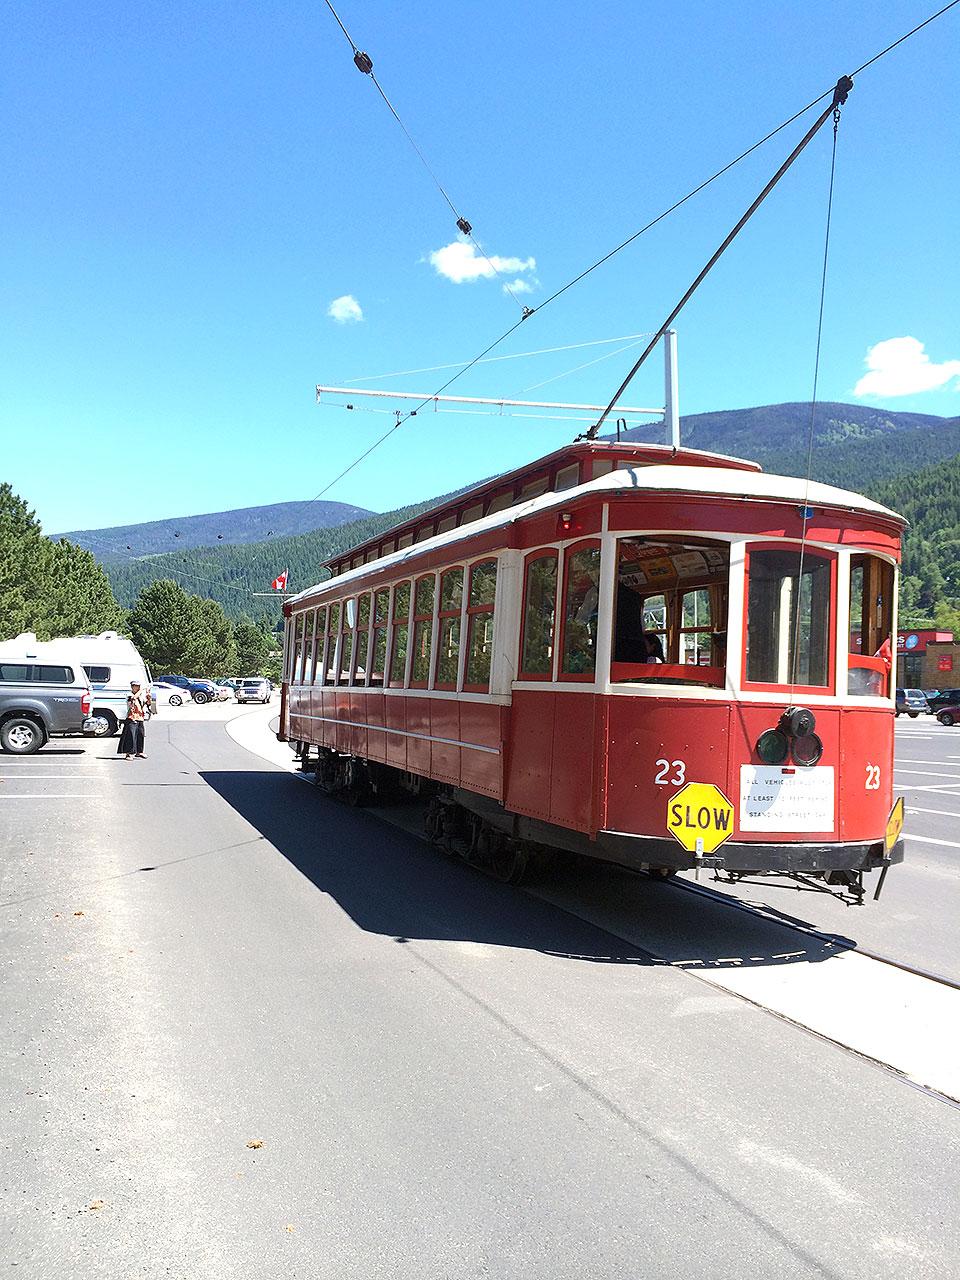 こちらが路面電車!小さいけれど、真っ赤で可愛らしい。